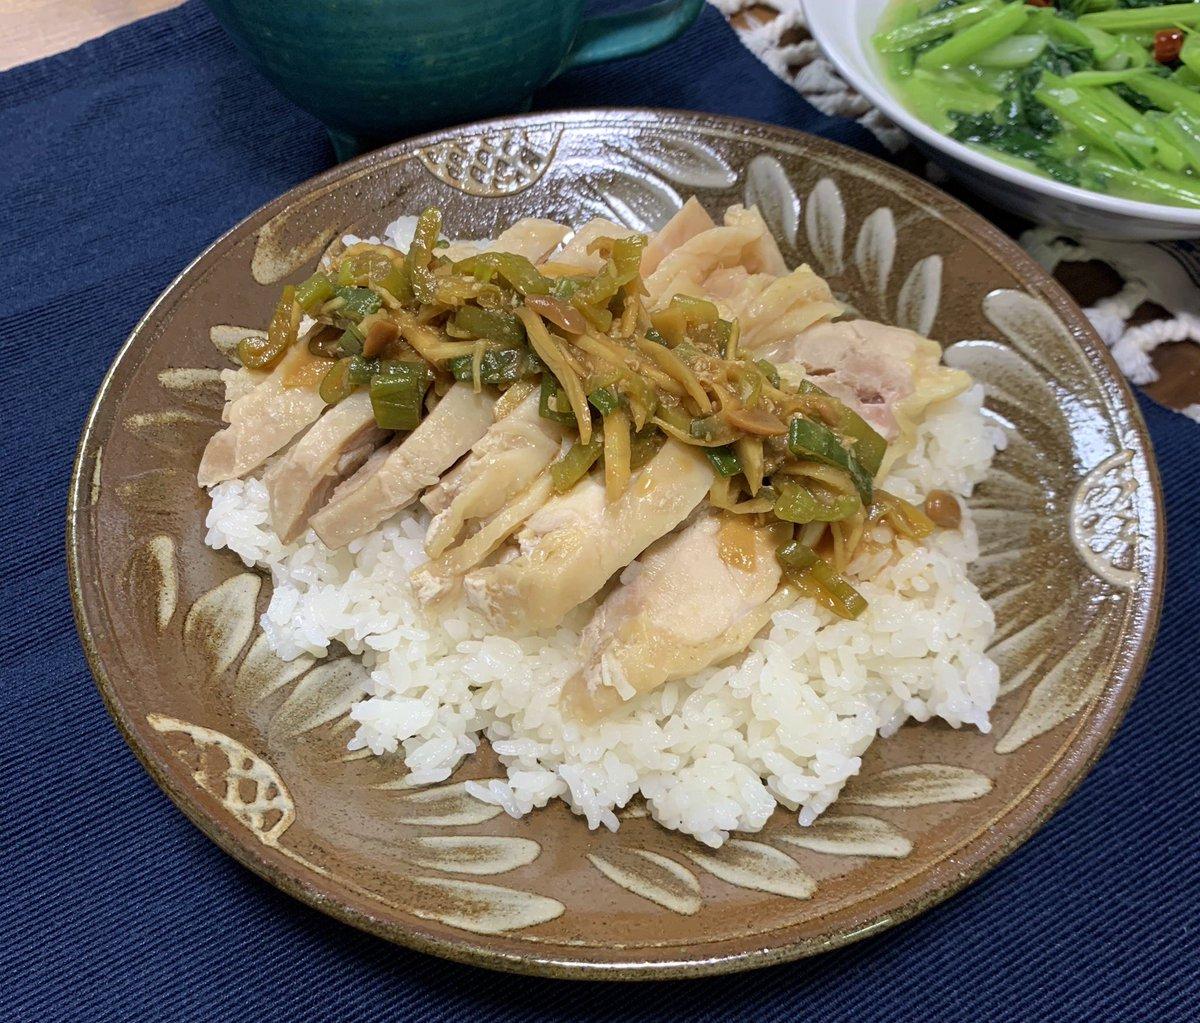 test ツイッターメディア - 鶏もも肉でレンチン蒸し鶏第2弾作ってみたら、めくるめくジューシーなカオマンガイの世界が待っていた😳💕 レンチン蒸し鶏のスープでチキンライスを作ればあれまあれま幸せのご飯〜これ大好き。 |しらいのりこ/ごはん同盟 @shirainoriko #note #おうち時間を工夫で楽しく https://t.co/vIrZgPrTrM https://t.co/yw0ljtuTLC